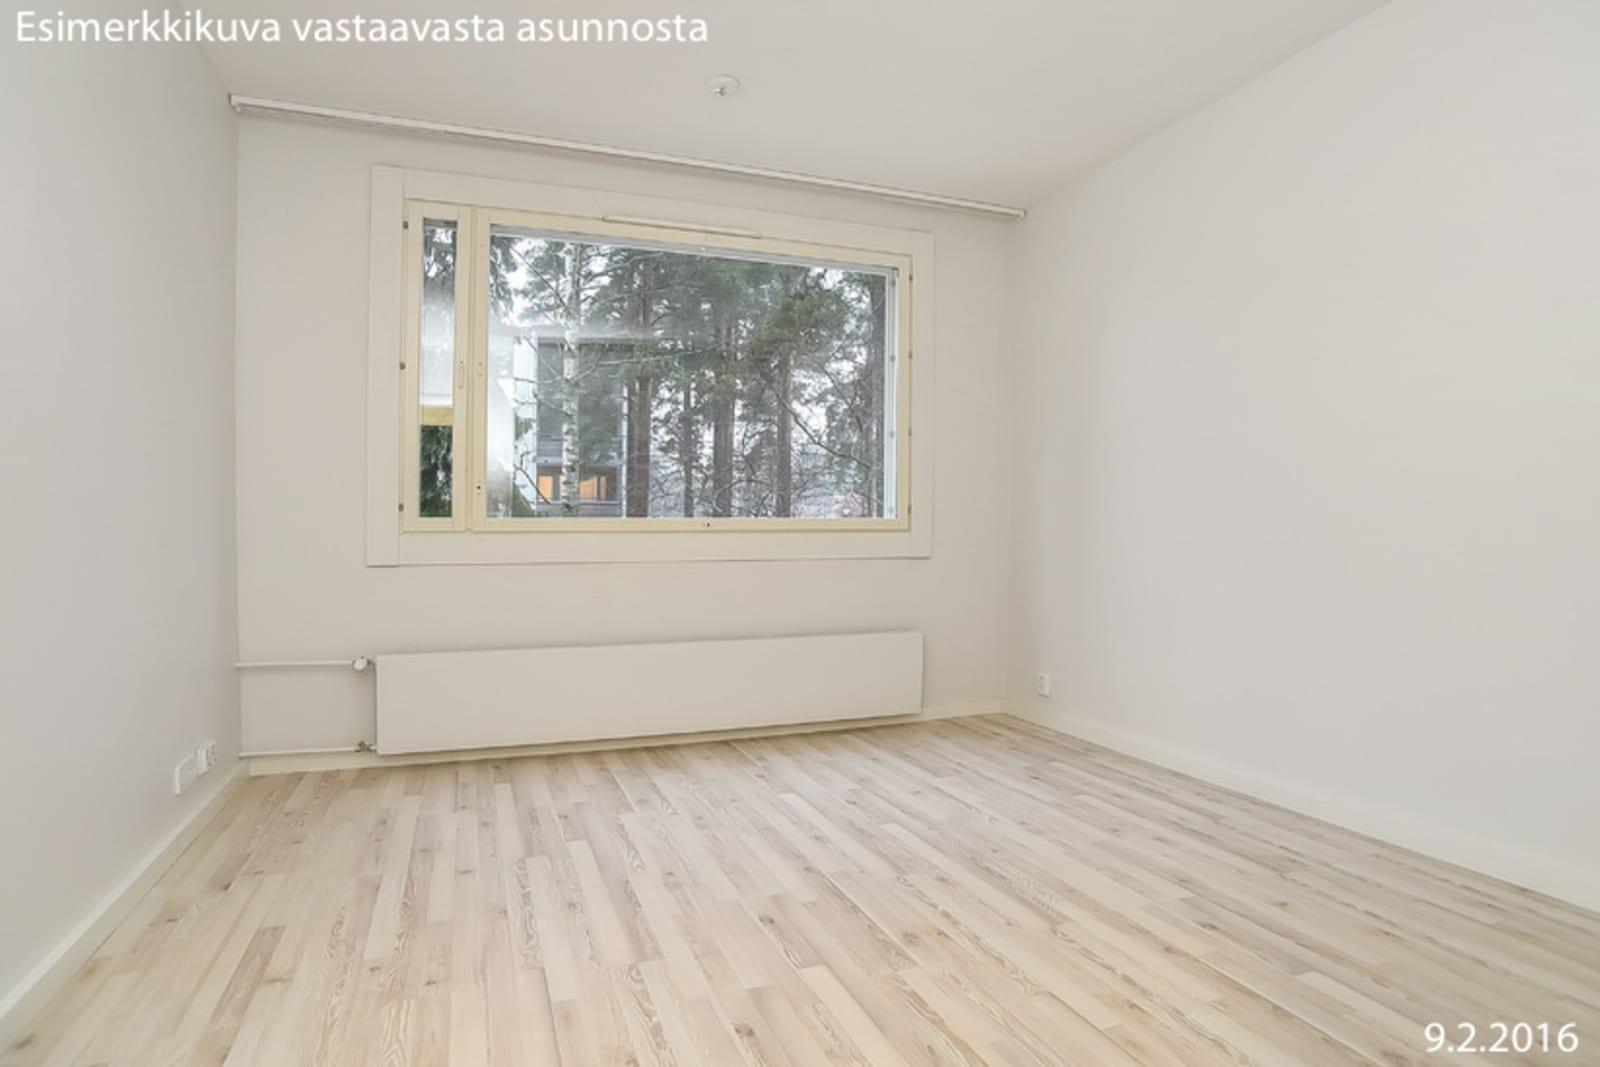 Espoo, Laajalahti, Heinjoenpolku 2 G-J G 046